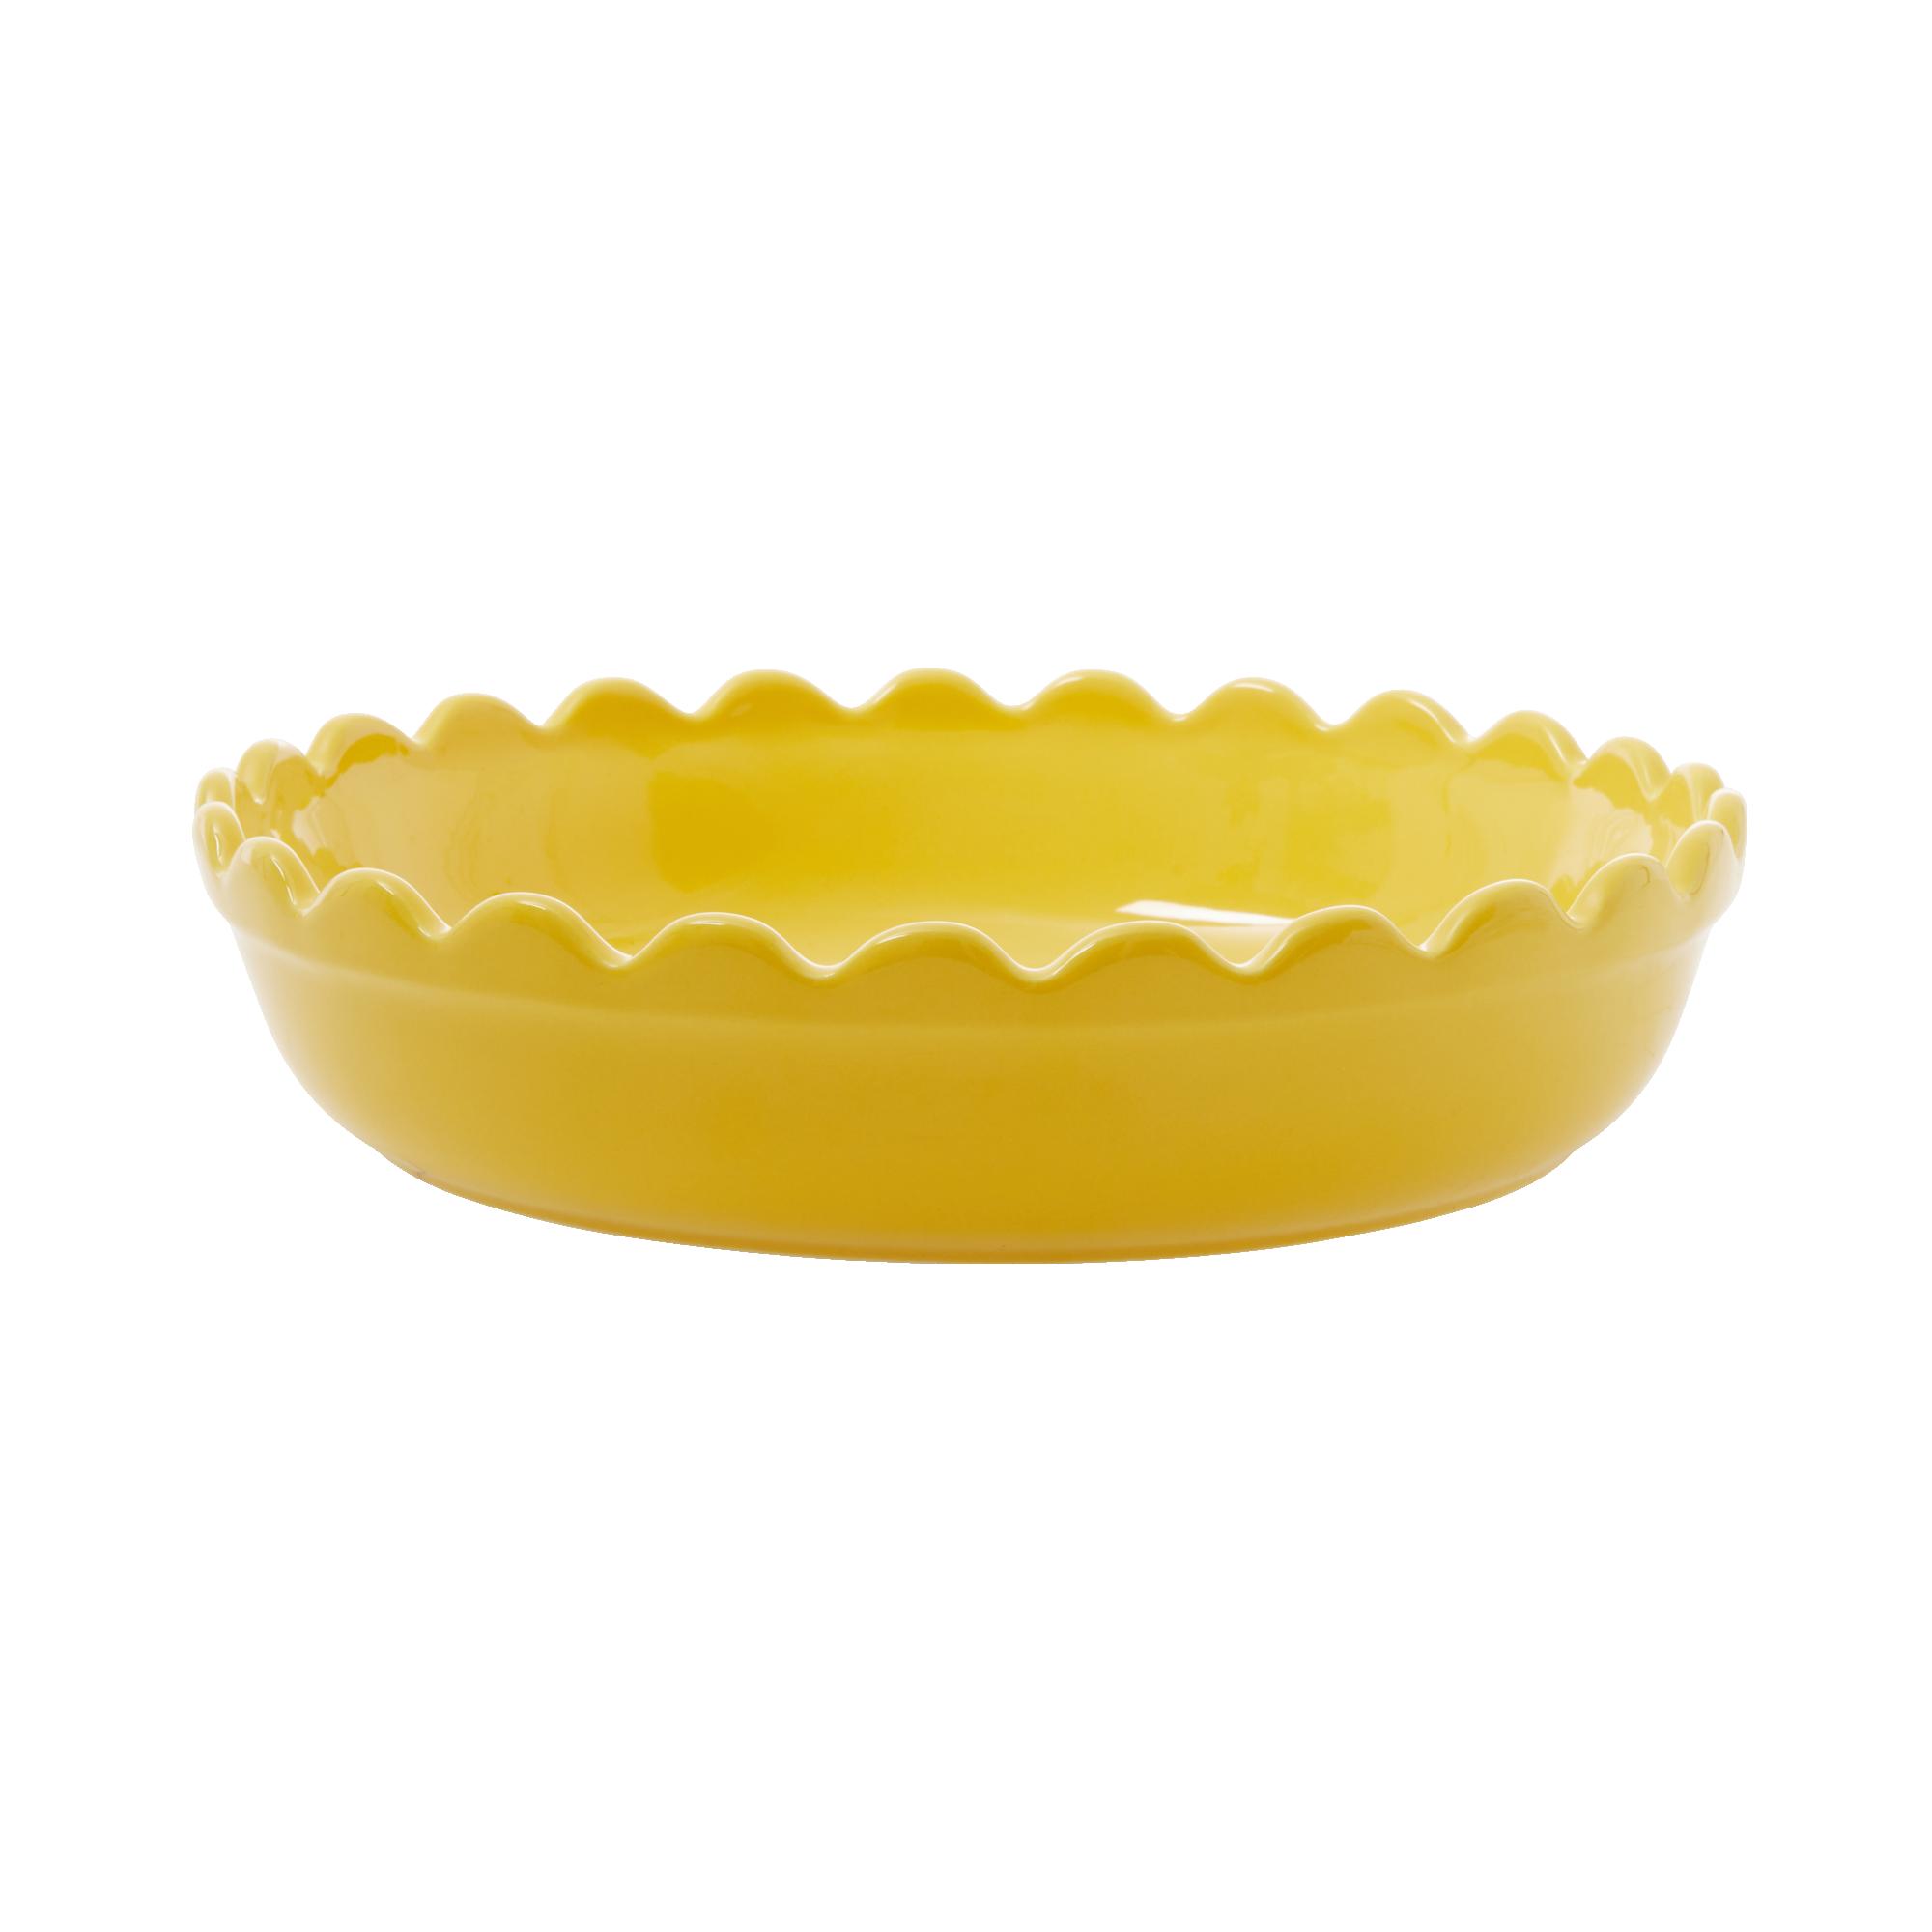 Rice - Stoneware Pie Dish - Yellow S